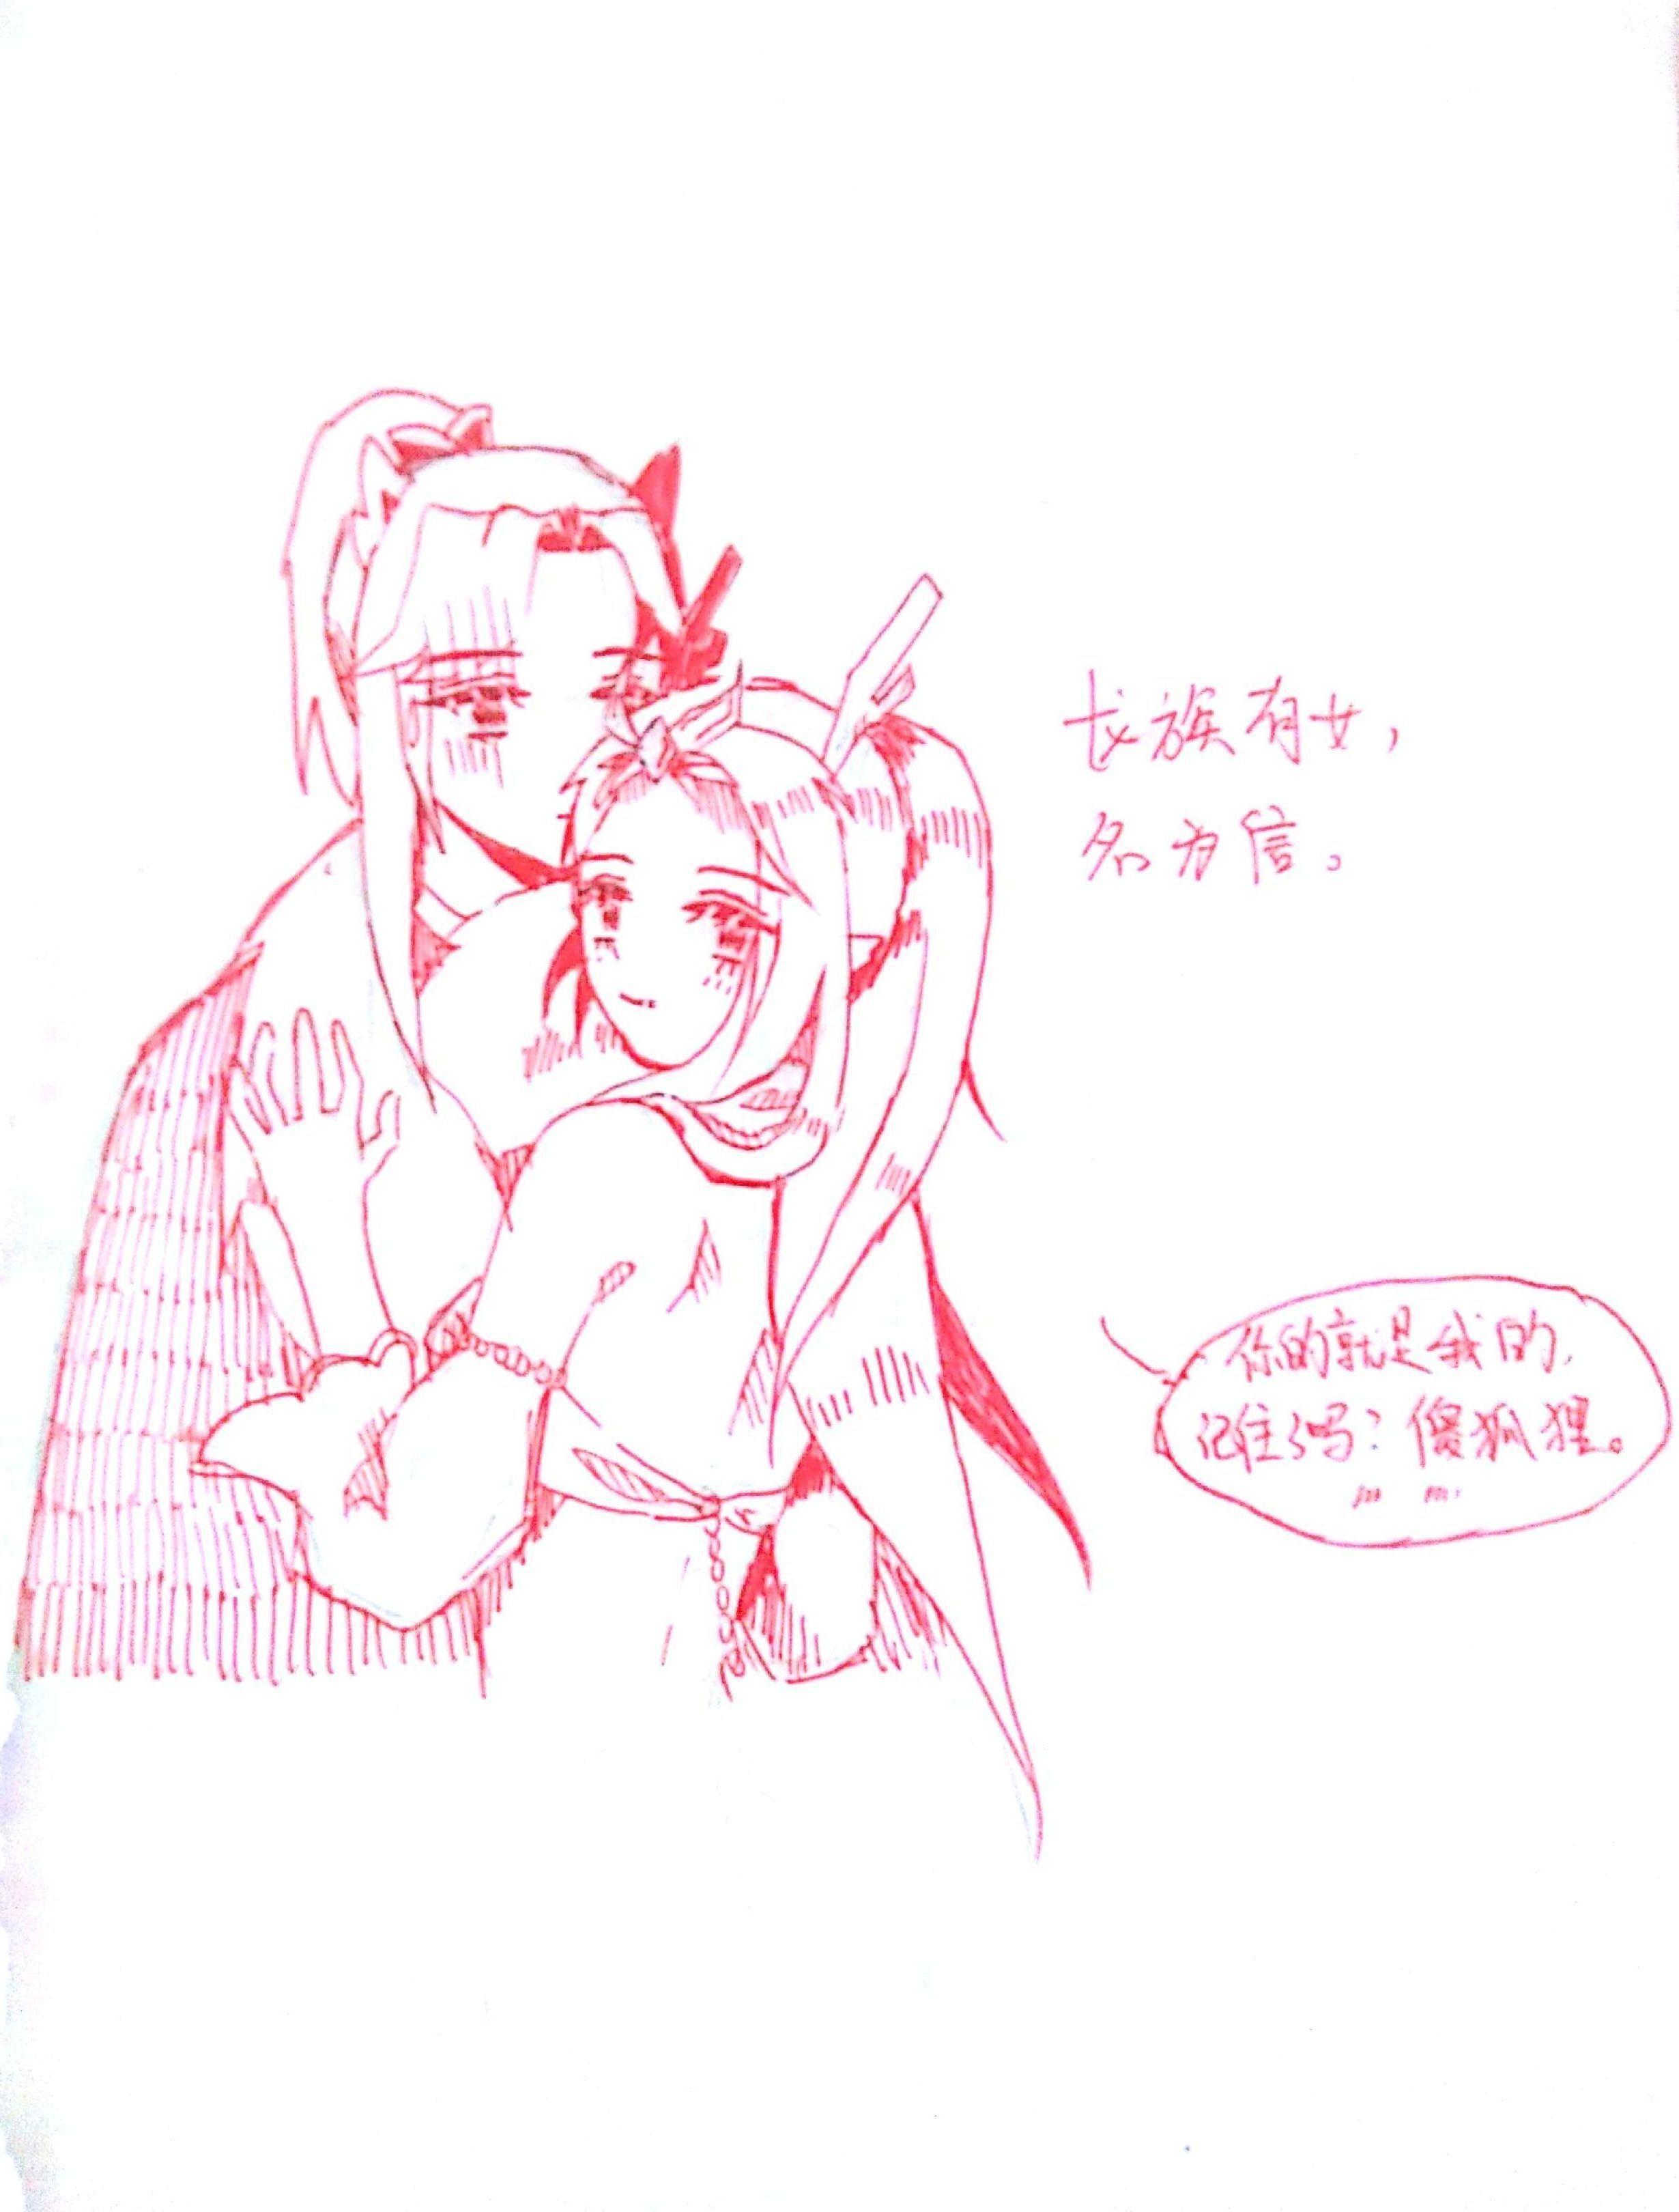 【齐夏】绘画/长期/龙族有女名为信_百田王者荣耀圈